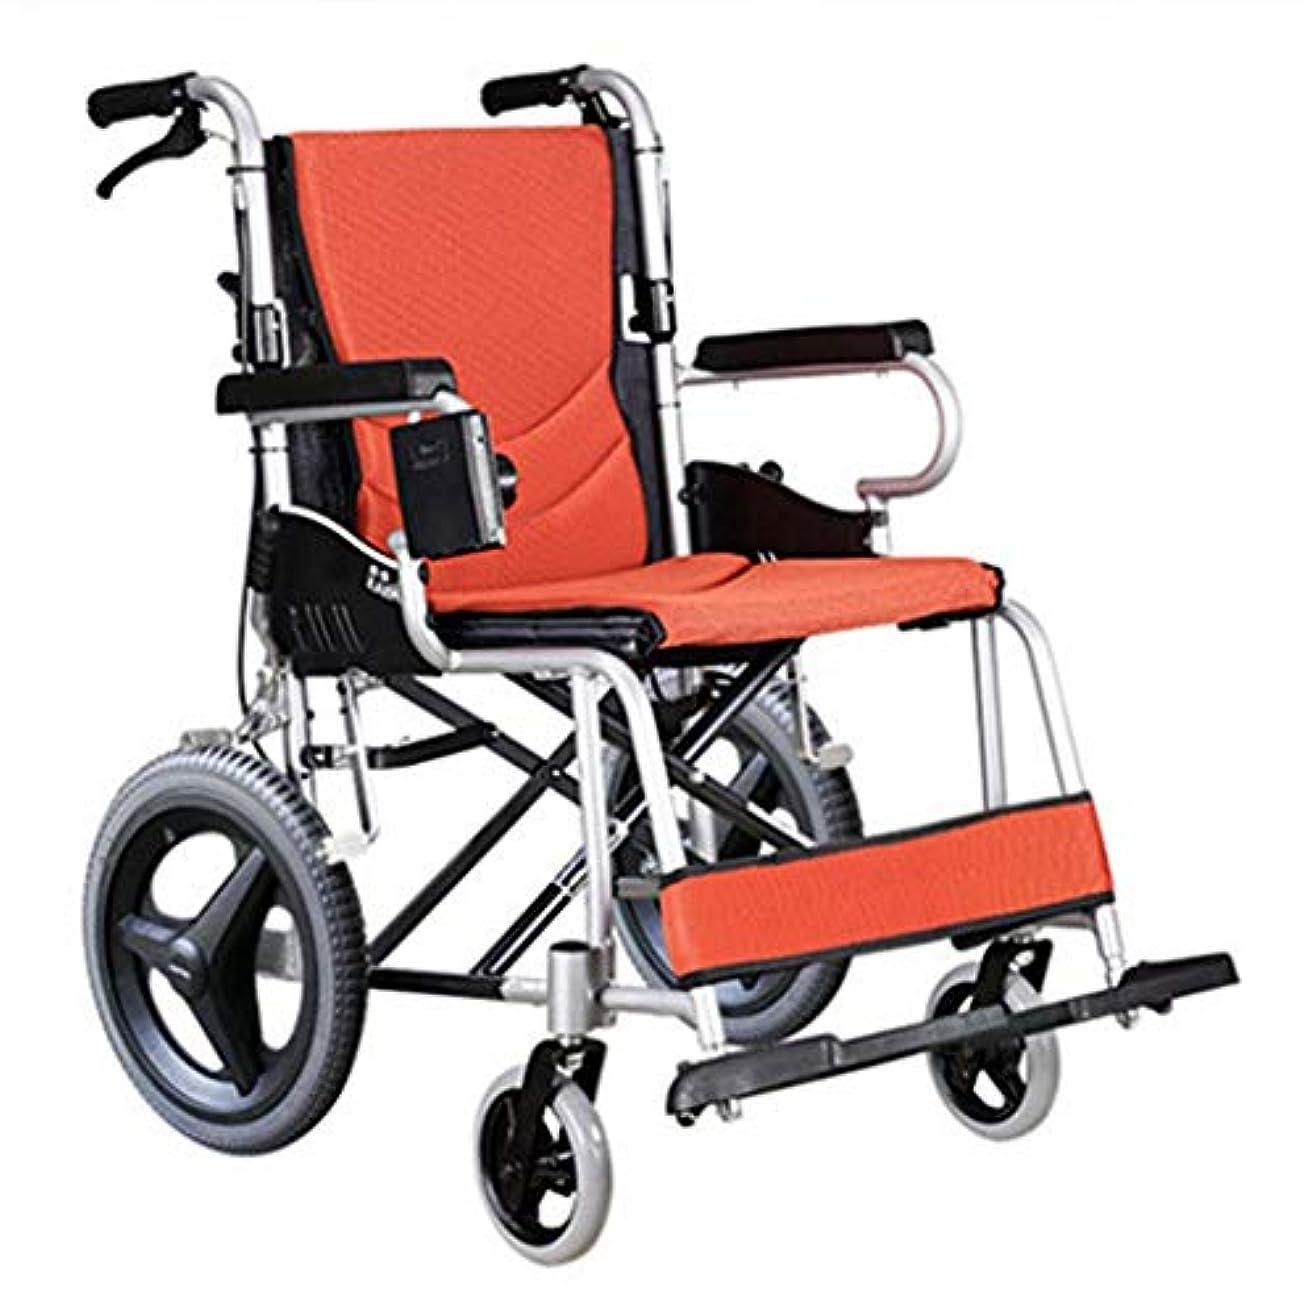 滑りやすい呼び起こす組立折りたたみ車椅子、航空用アルミニウム合金車椅子ソリッドタイヤ、高齢者向けダブルブレーキデザイン野外活動車椅子トロリー